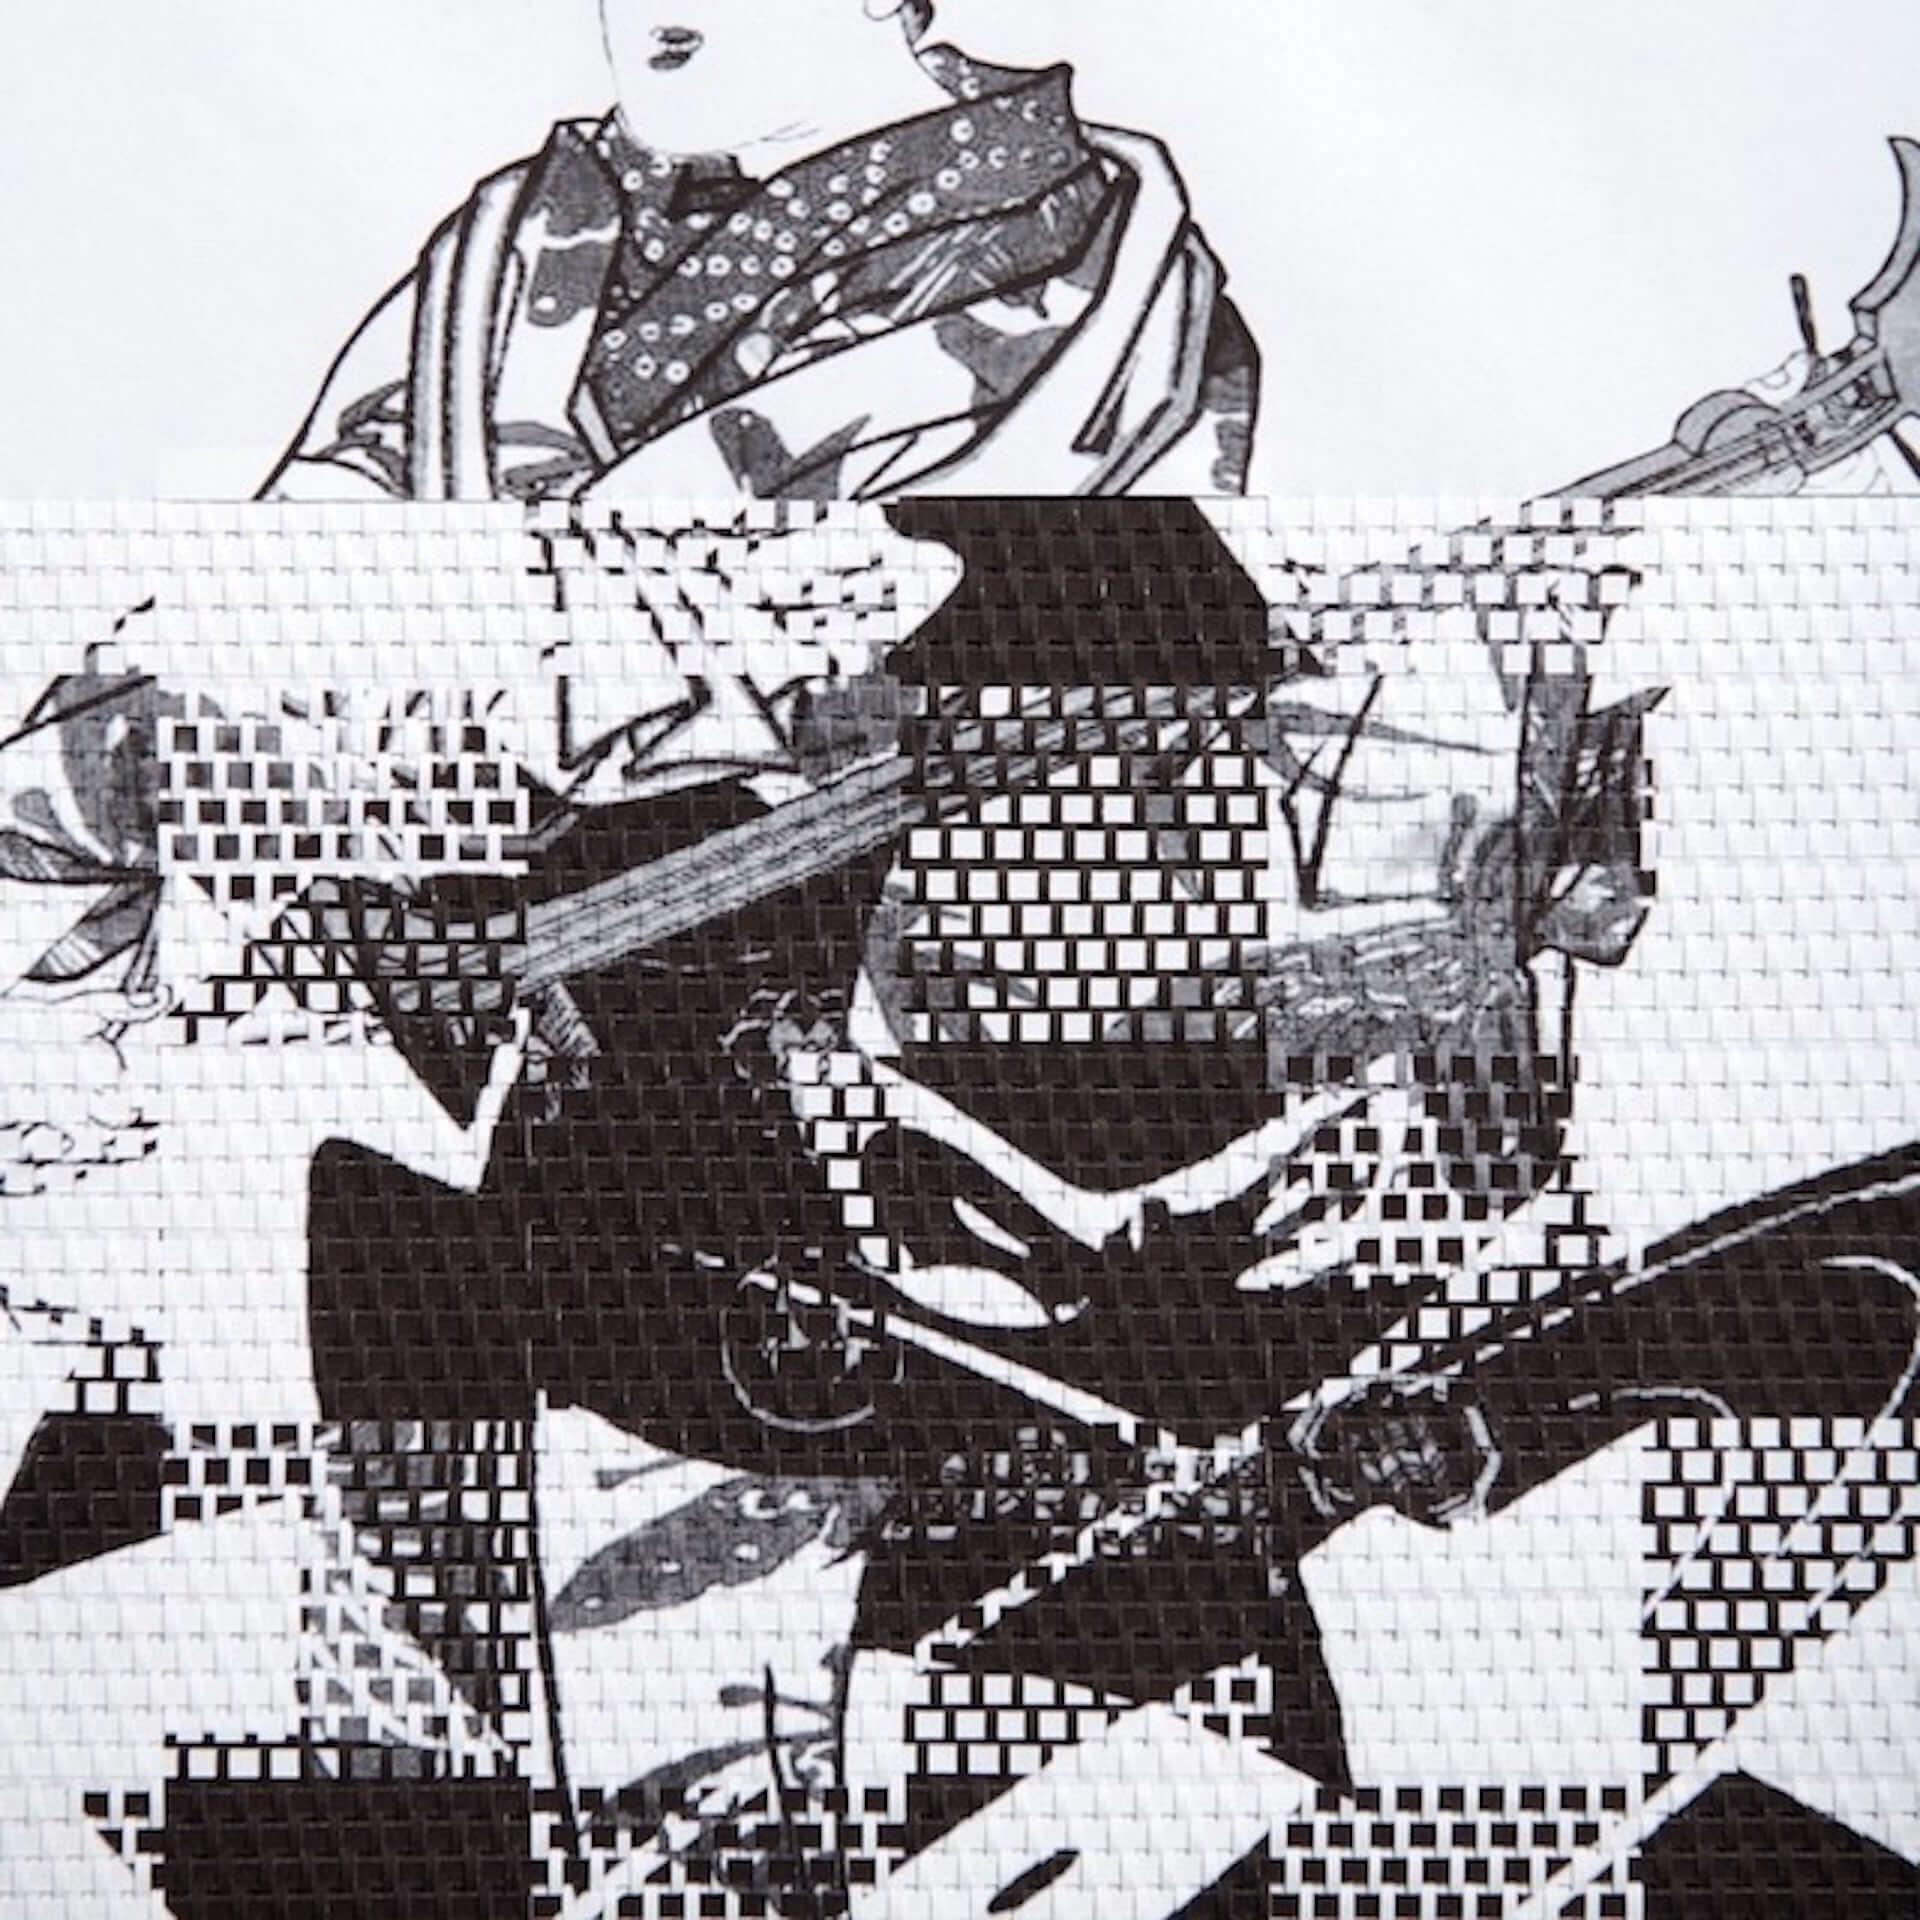 〈Ninja Tune〉30周年記念!Sasquatchfabrix.によるカプセルコレクション「NINJA BUSHI」が発売 music210329_ninjatune_2-1920x1920